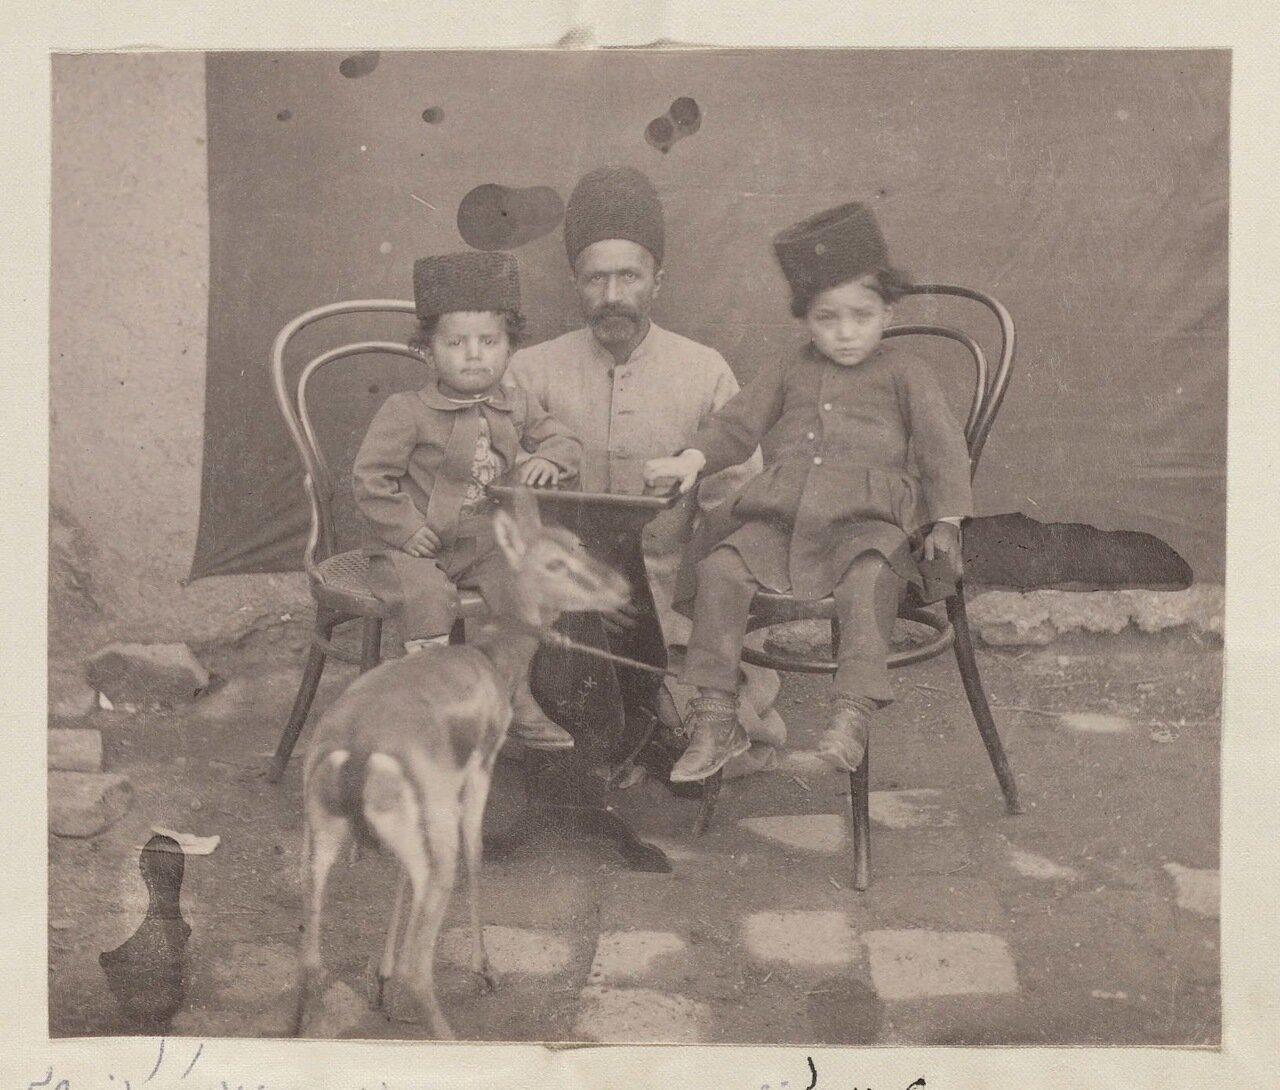 Махмуд хан Вали, сын Мухаммад-хана Вали и Хайдар Кули-хан, сын Али-хана и его второй жены Тубы Ханум